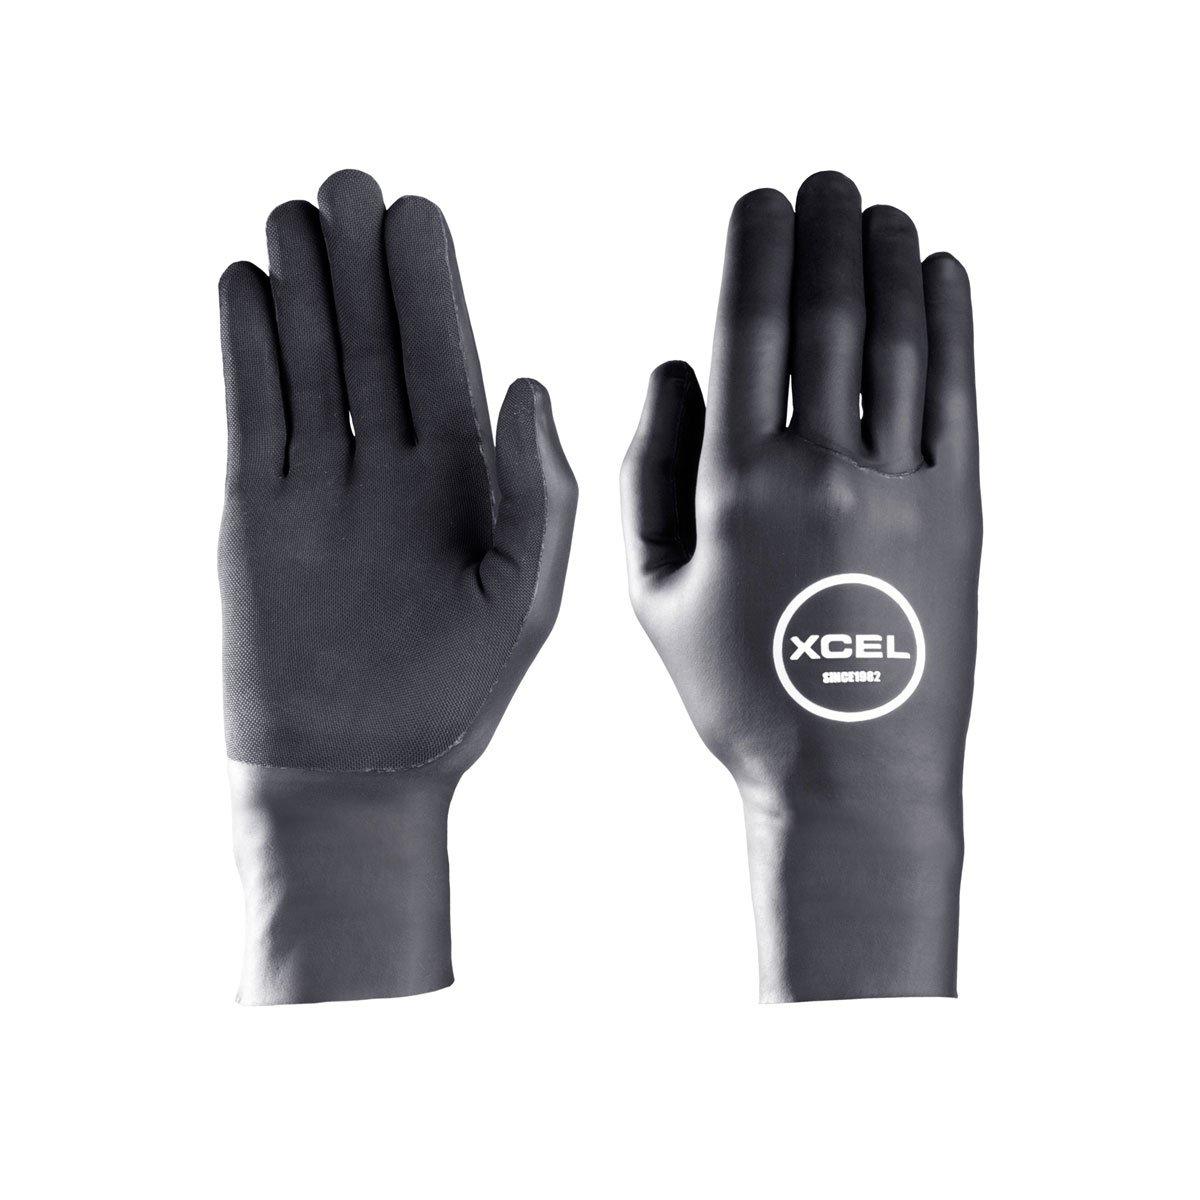 Xcel Anti Glove Small